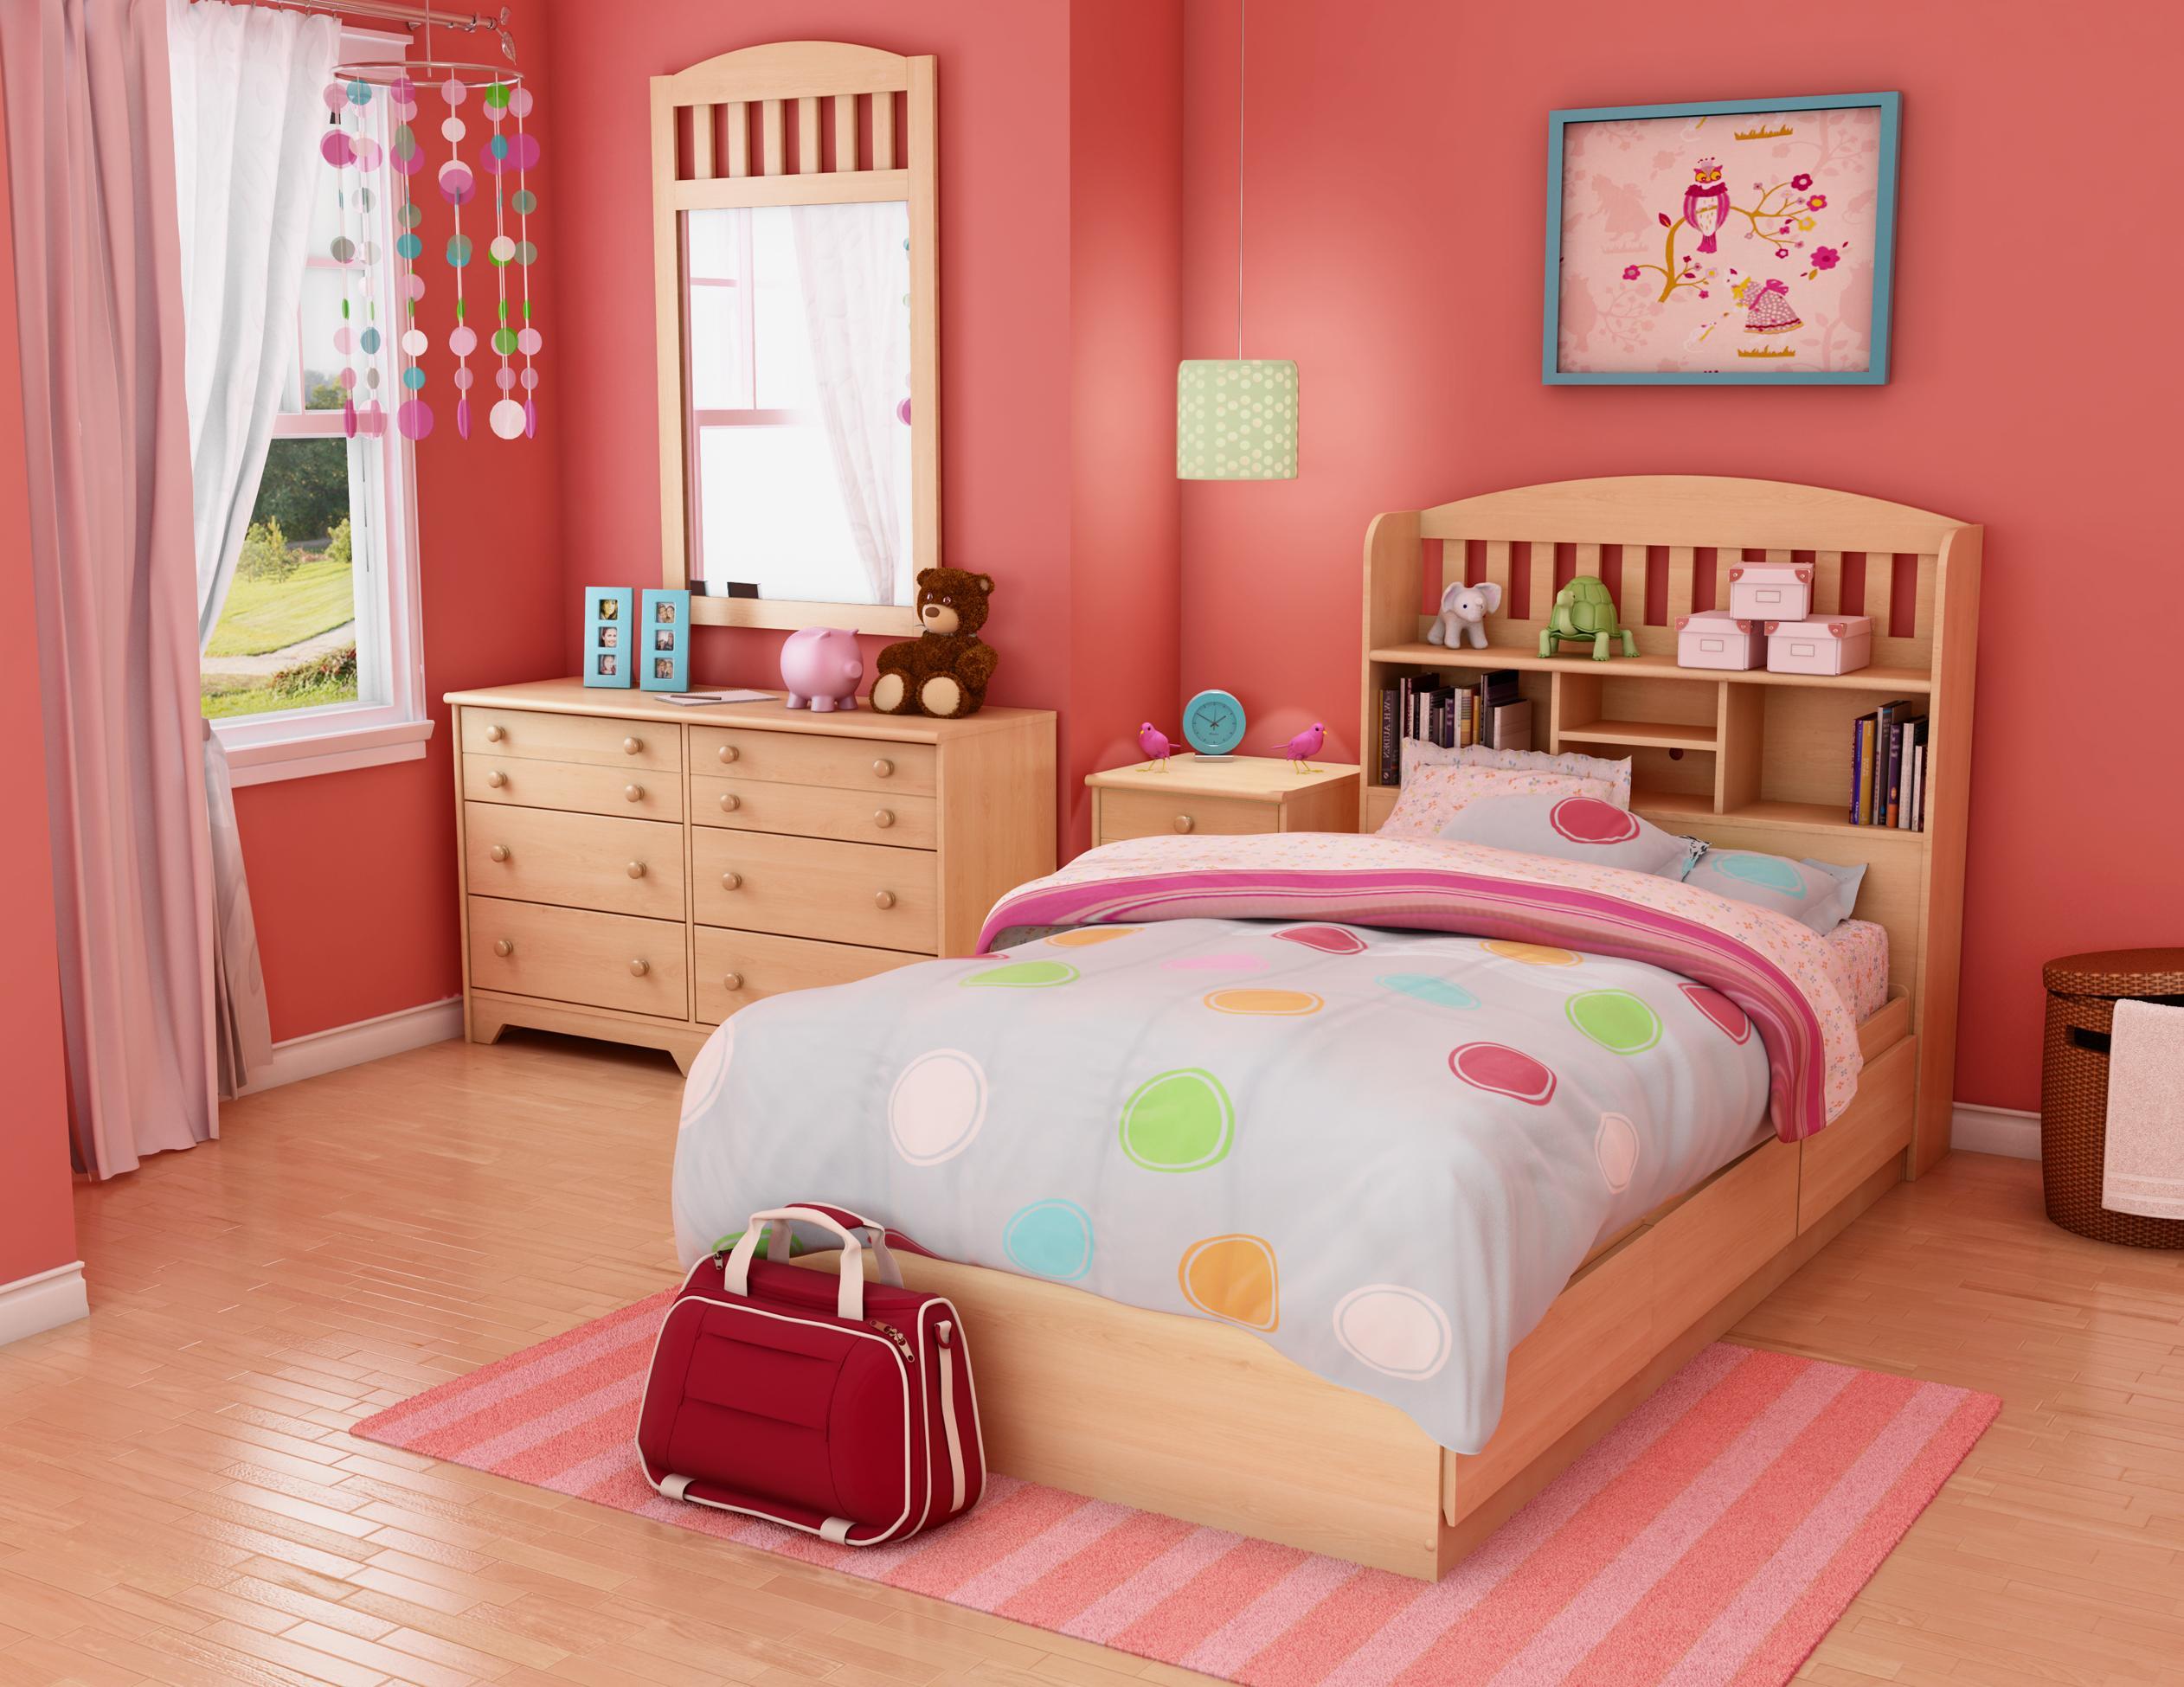 صورة غرف نوم اطفال بنات , اجدد اشكال غرف نوم البنات 591 6